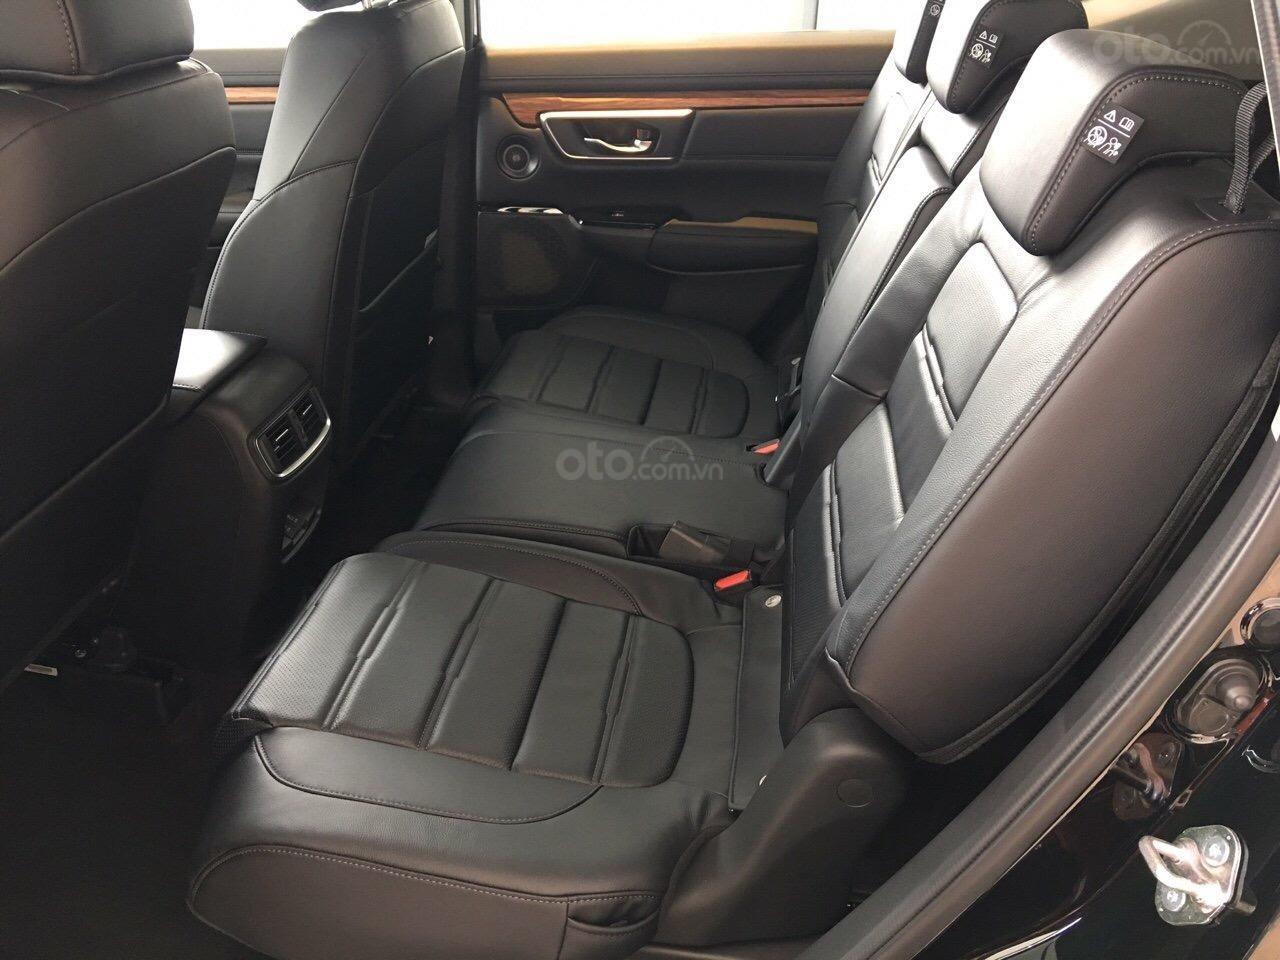 Honda CRV L đen - mới 100%, xe giao tháng 5, LH 0909.615.944 để nhận báo giá tốt nhất-10